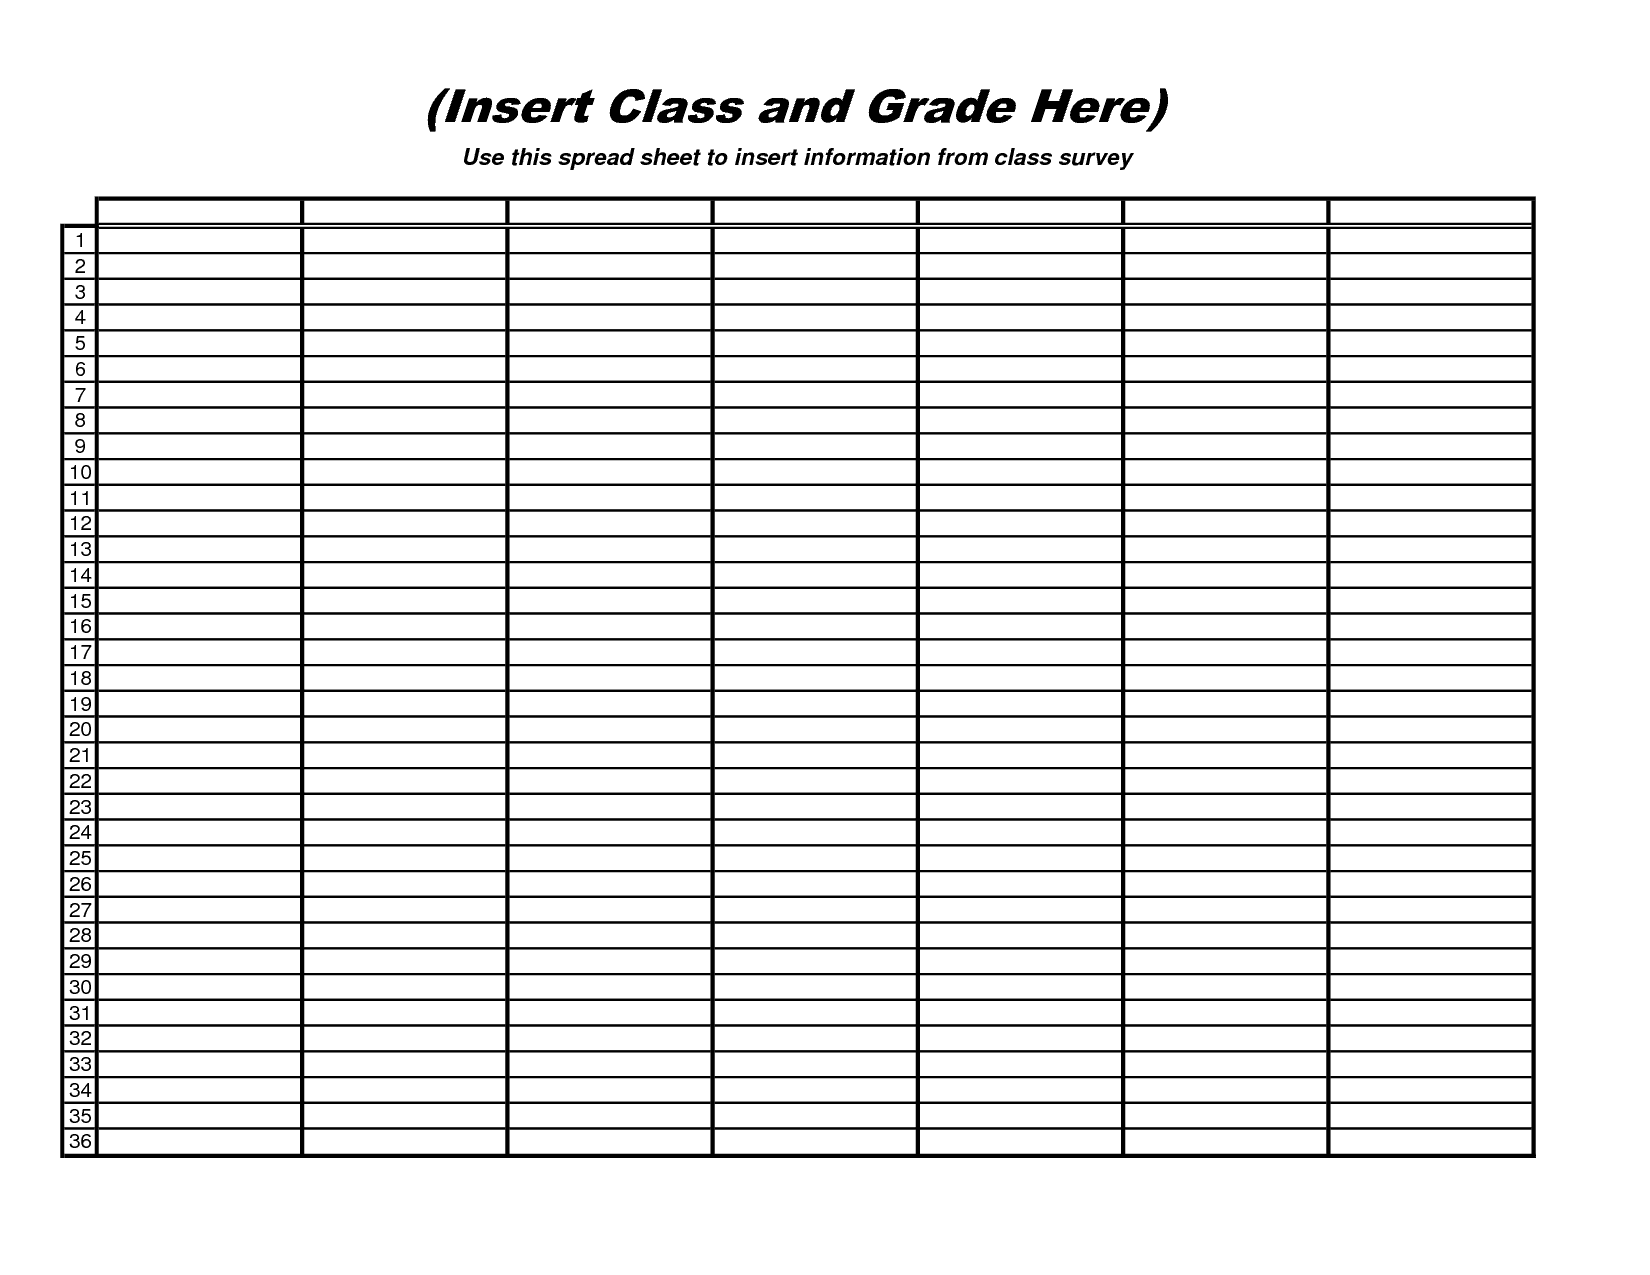 Free Blank Spreadsheet Downloads 2 Data Spreadsheet Template Data Spreadsheet Excel Spreadsheet Template Data Spreadsheet Excel Spreadsheet Template Excel Spreadsheet Template